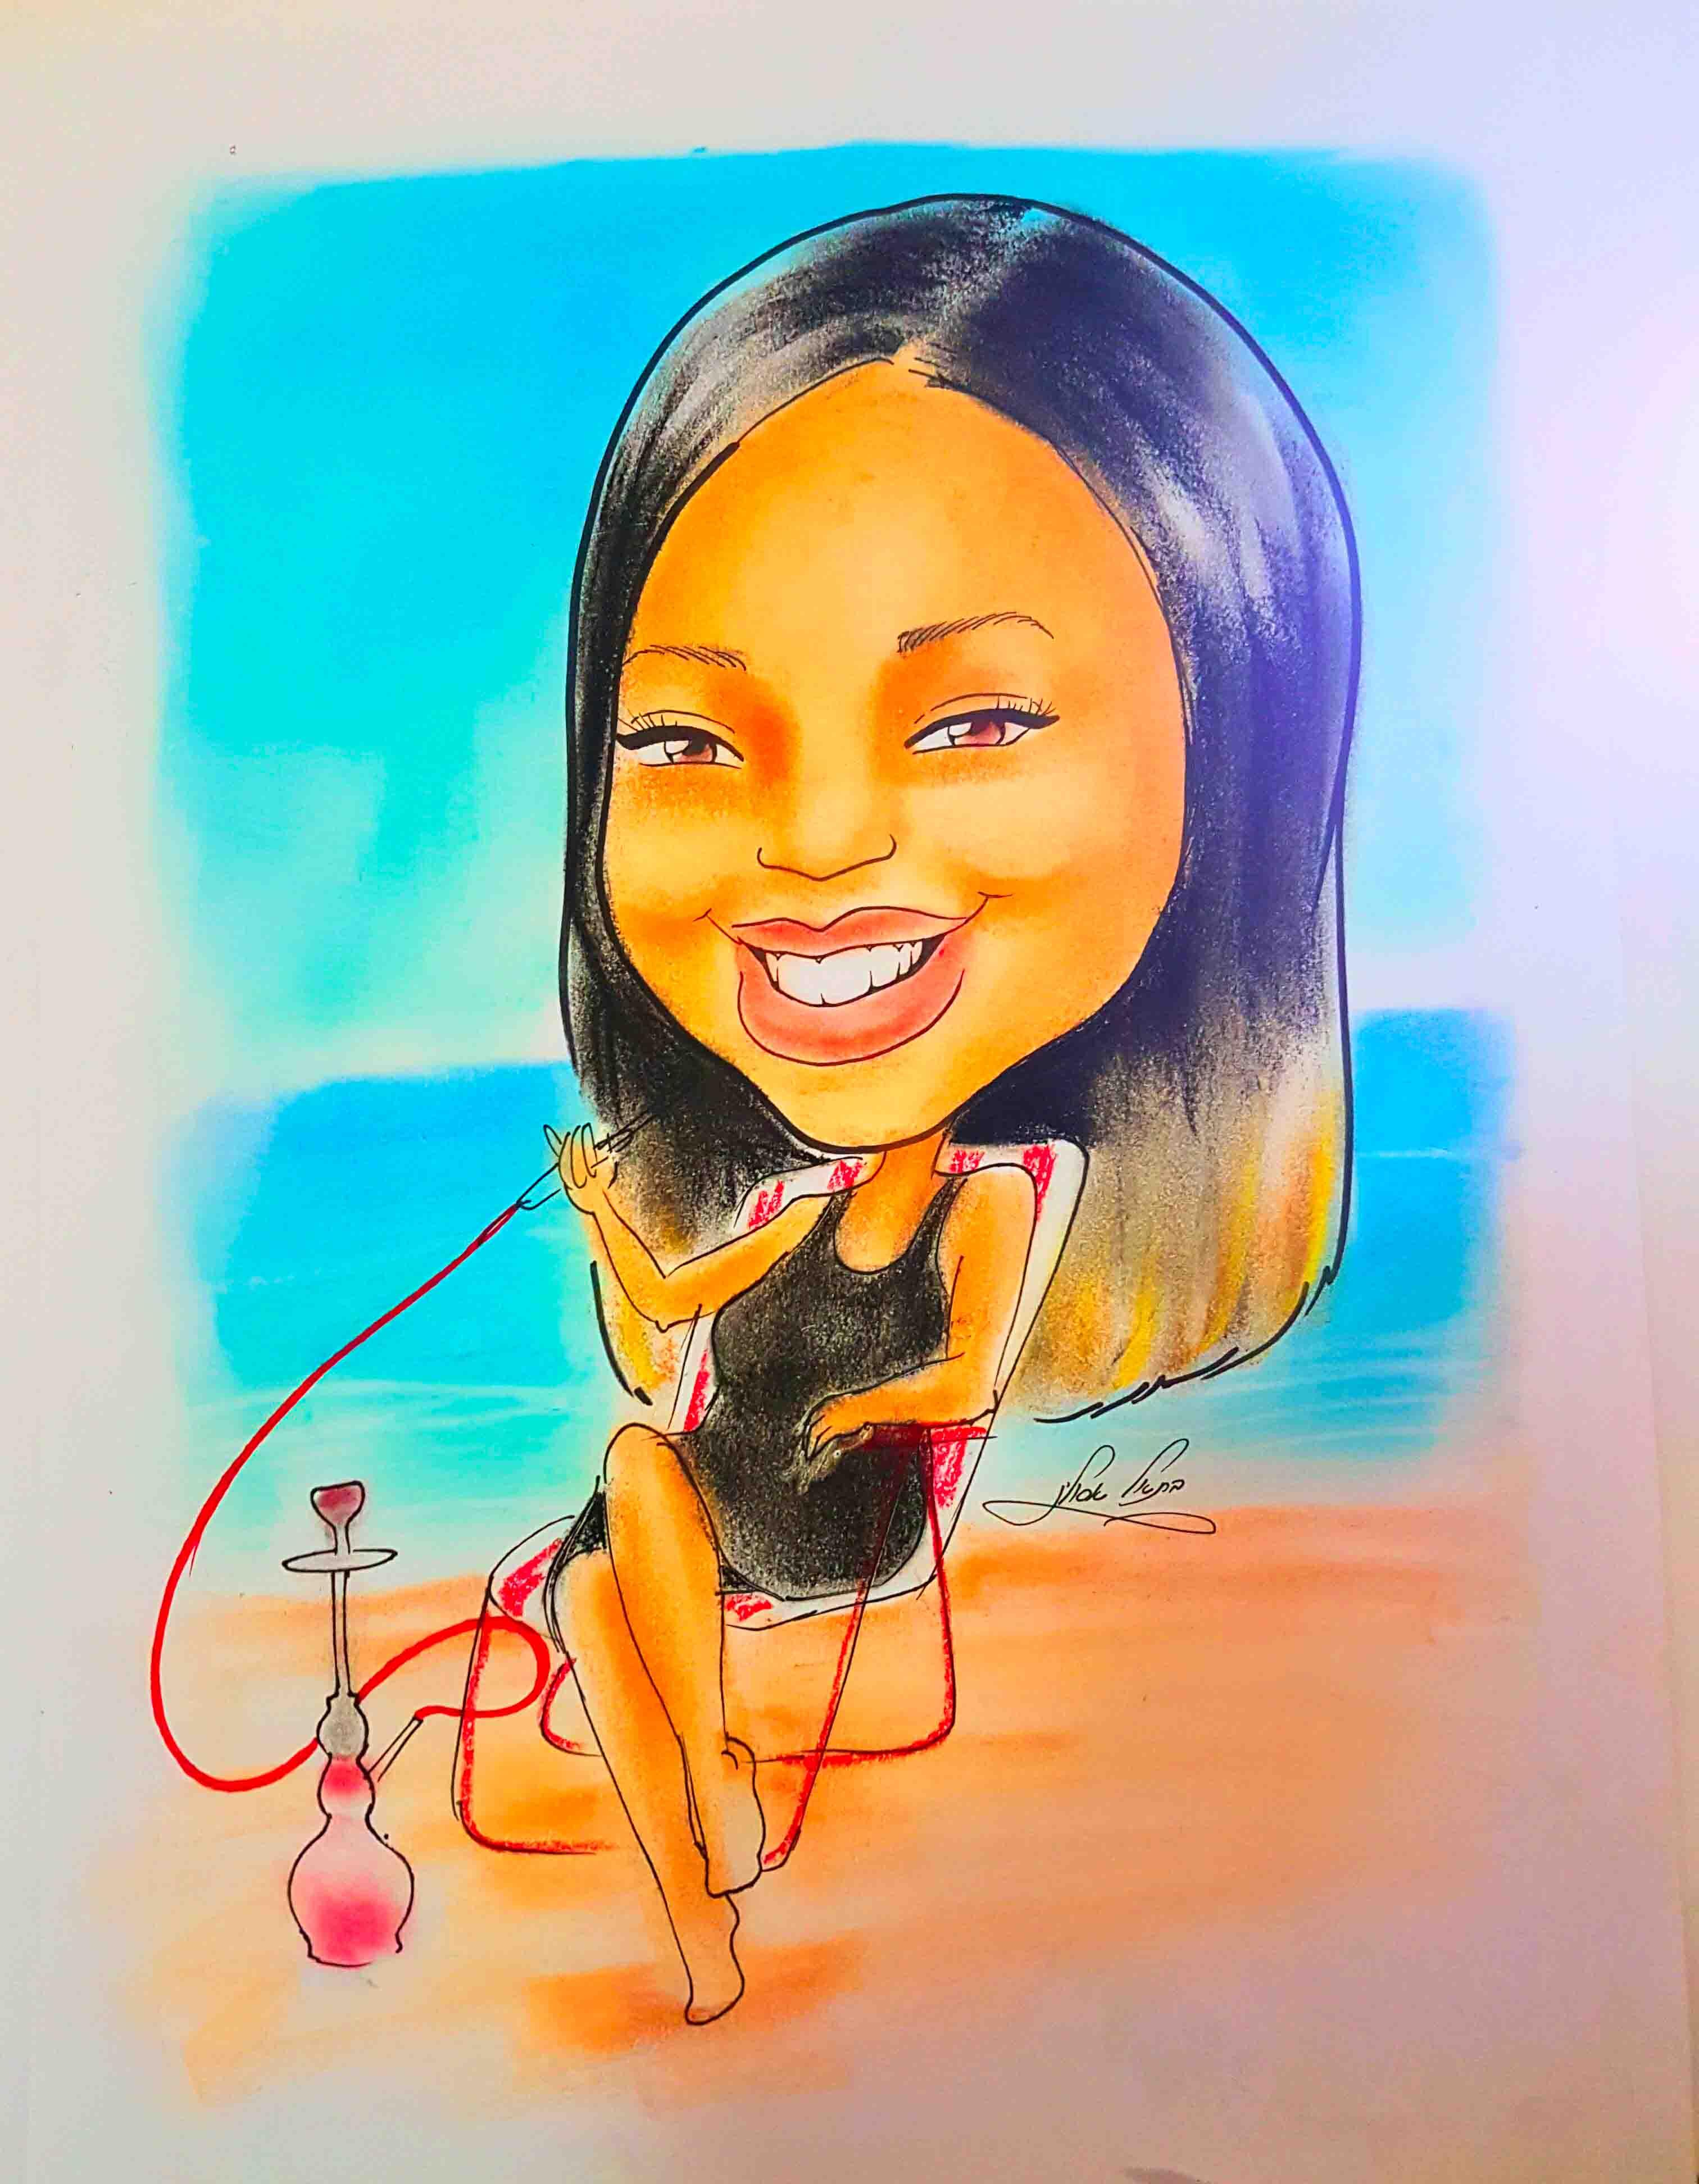 ציור קריקטורה כמתנה אישית ומלאת אהבה ליום הולדת לחבר או חברה